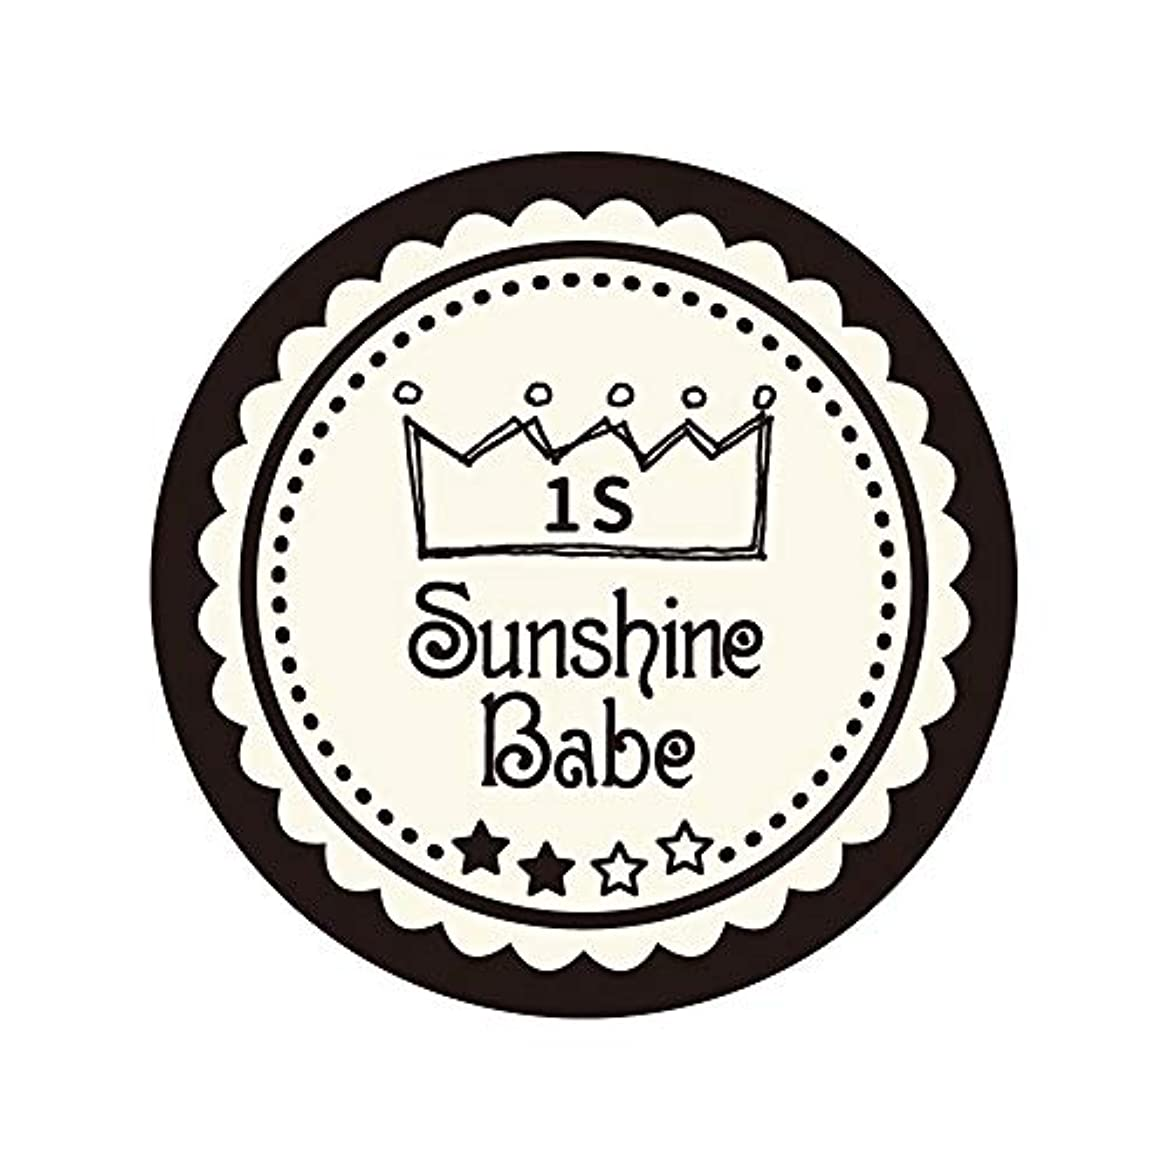 ホステル稼ぐ無許可Sunshine Babe カラージェル 1S ココナッツミルク 2.7g UV/LED対応